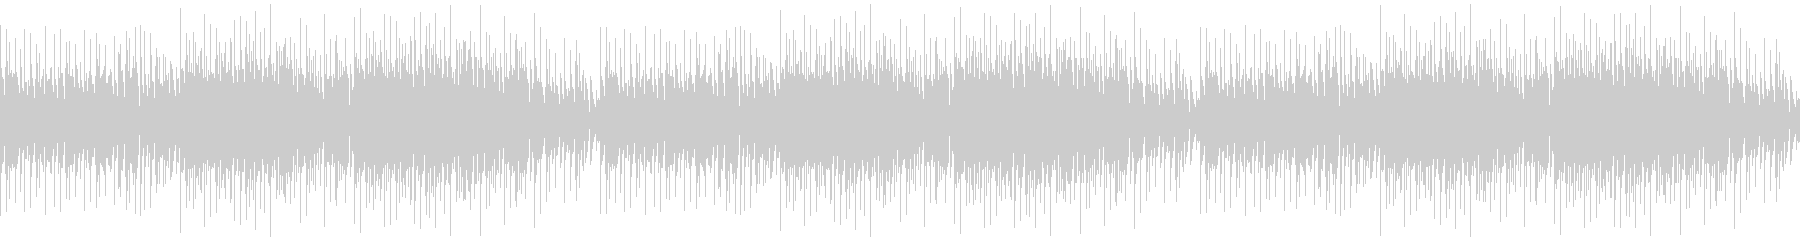 ゆるく、ほのぼのとしたフォークトロニカの未再生の波形